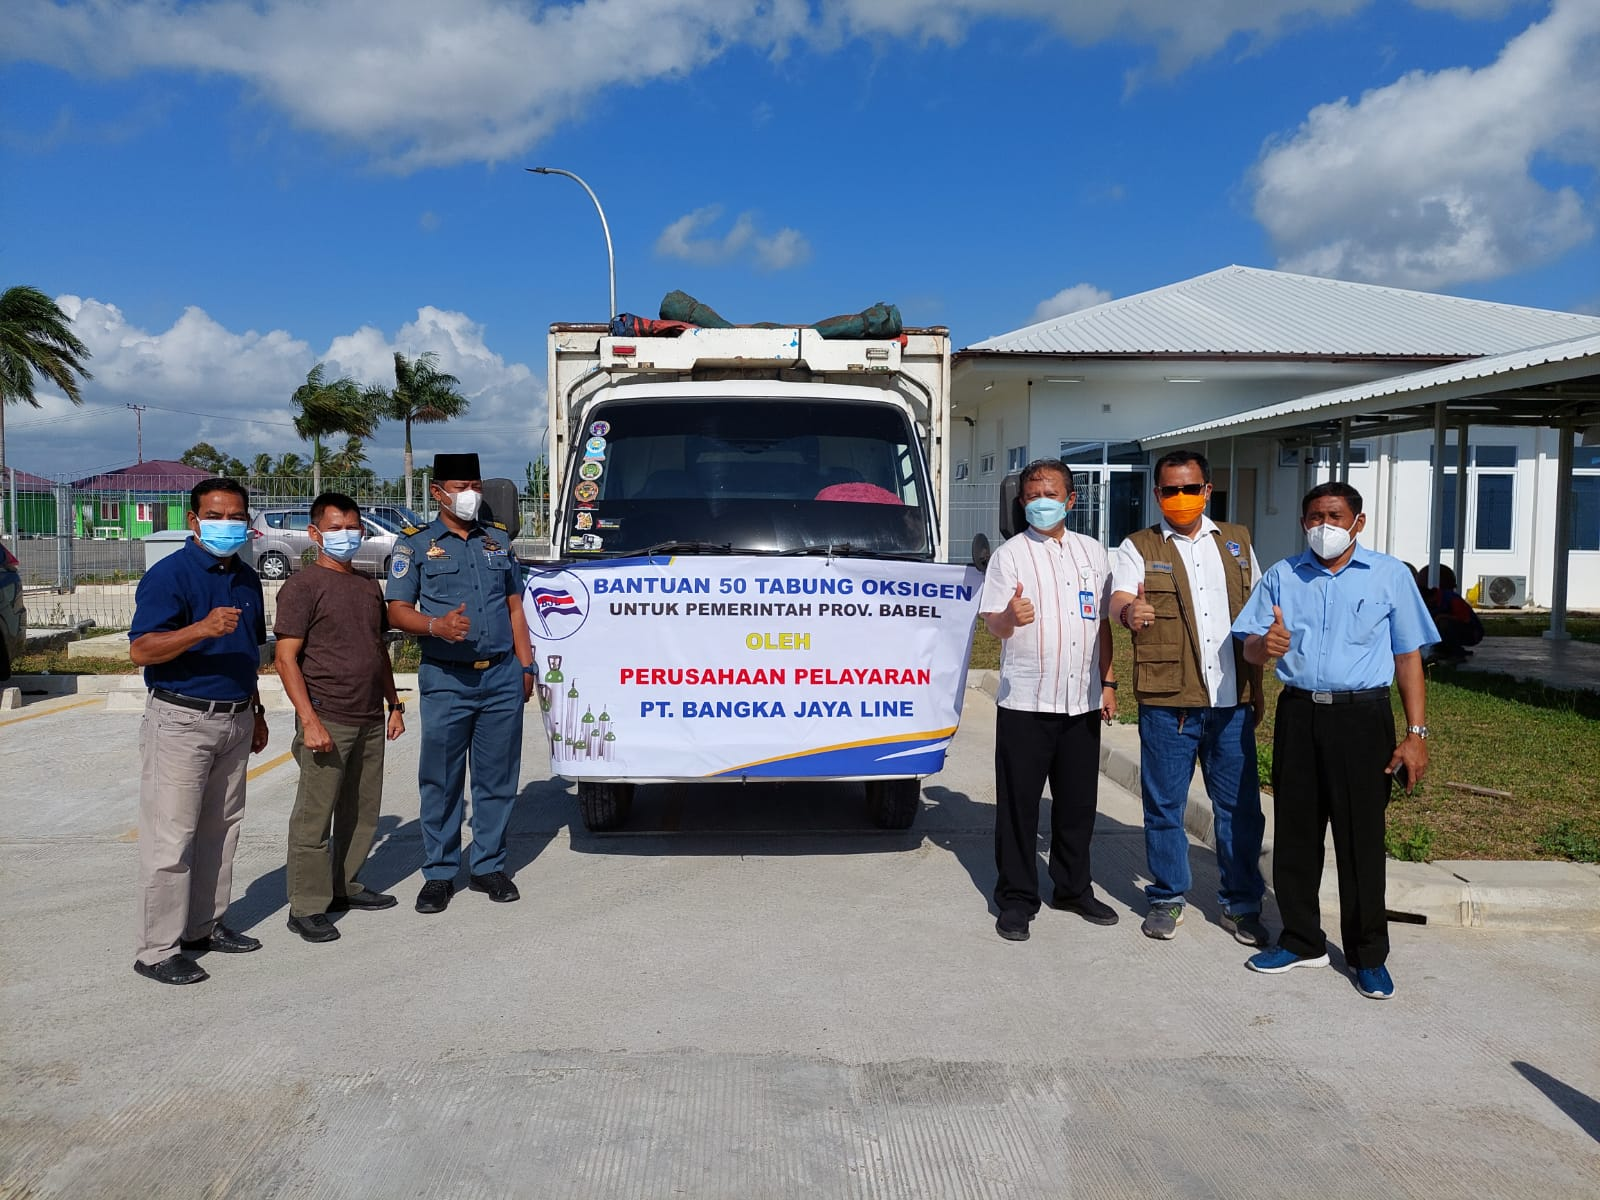 Photo of Peran Misi Kemanusiaan, PT BJL Beri Bantuan Oksigen ke Pemprov Babel